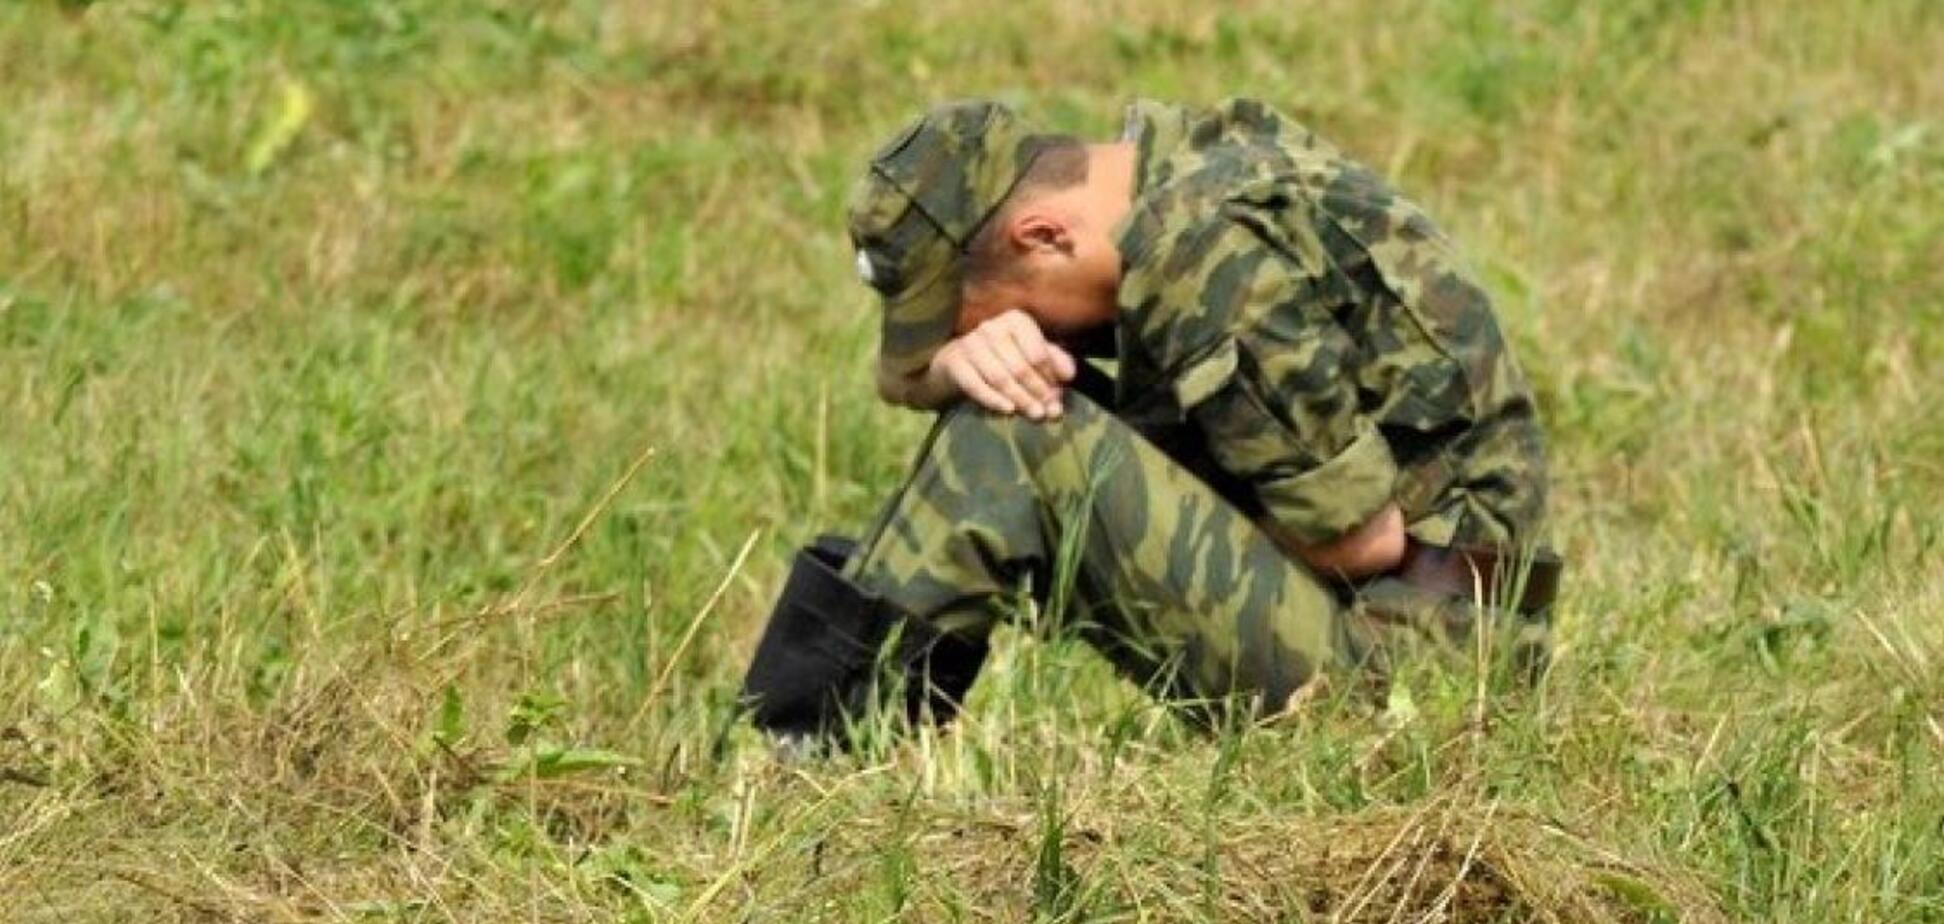 'За людей не вважають': терористи 'Л/ДНР' скаржаться на російських офіцерів